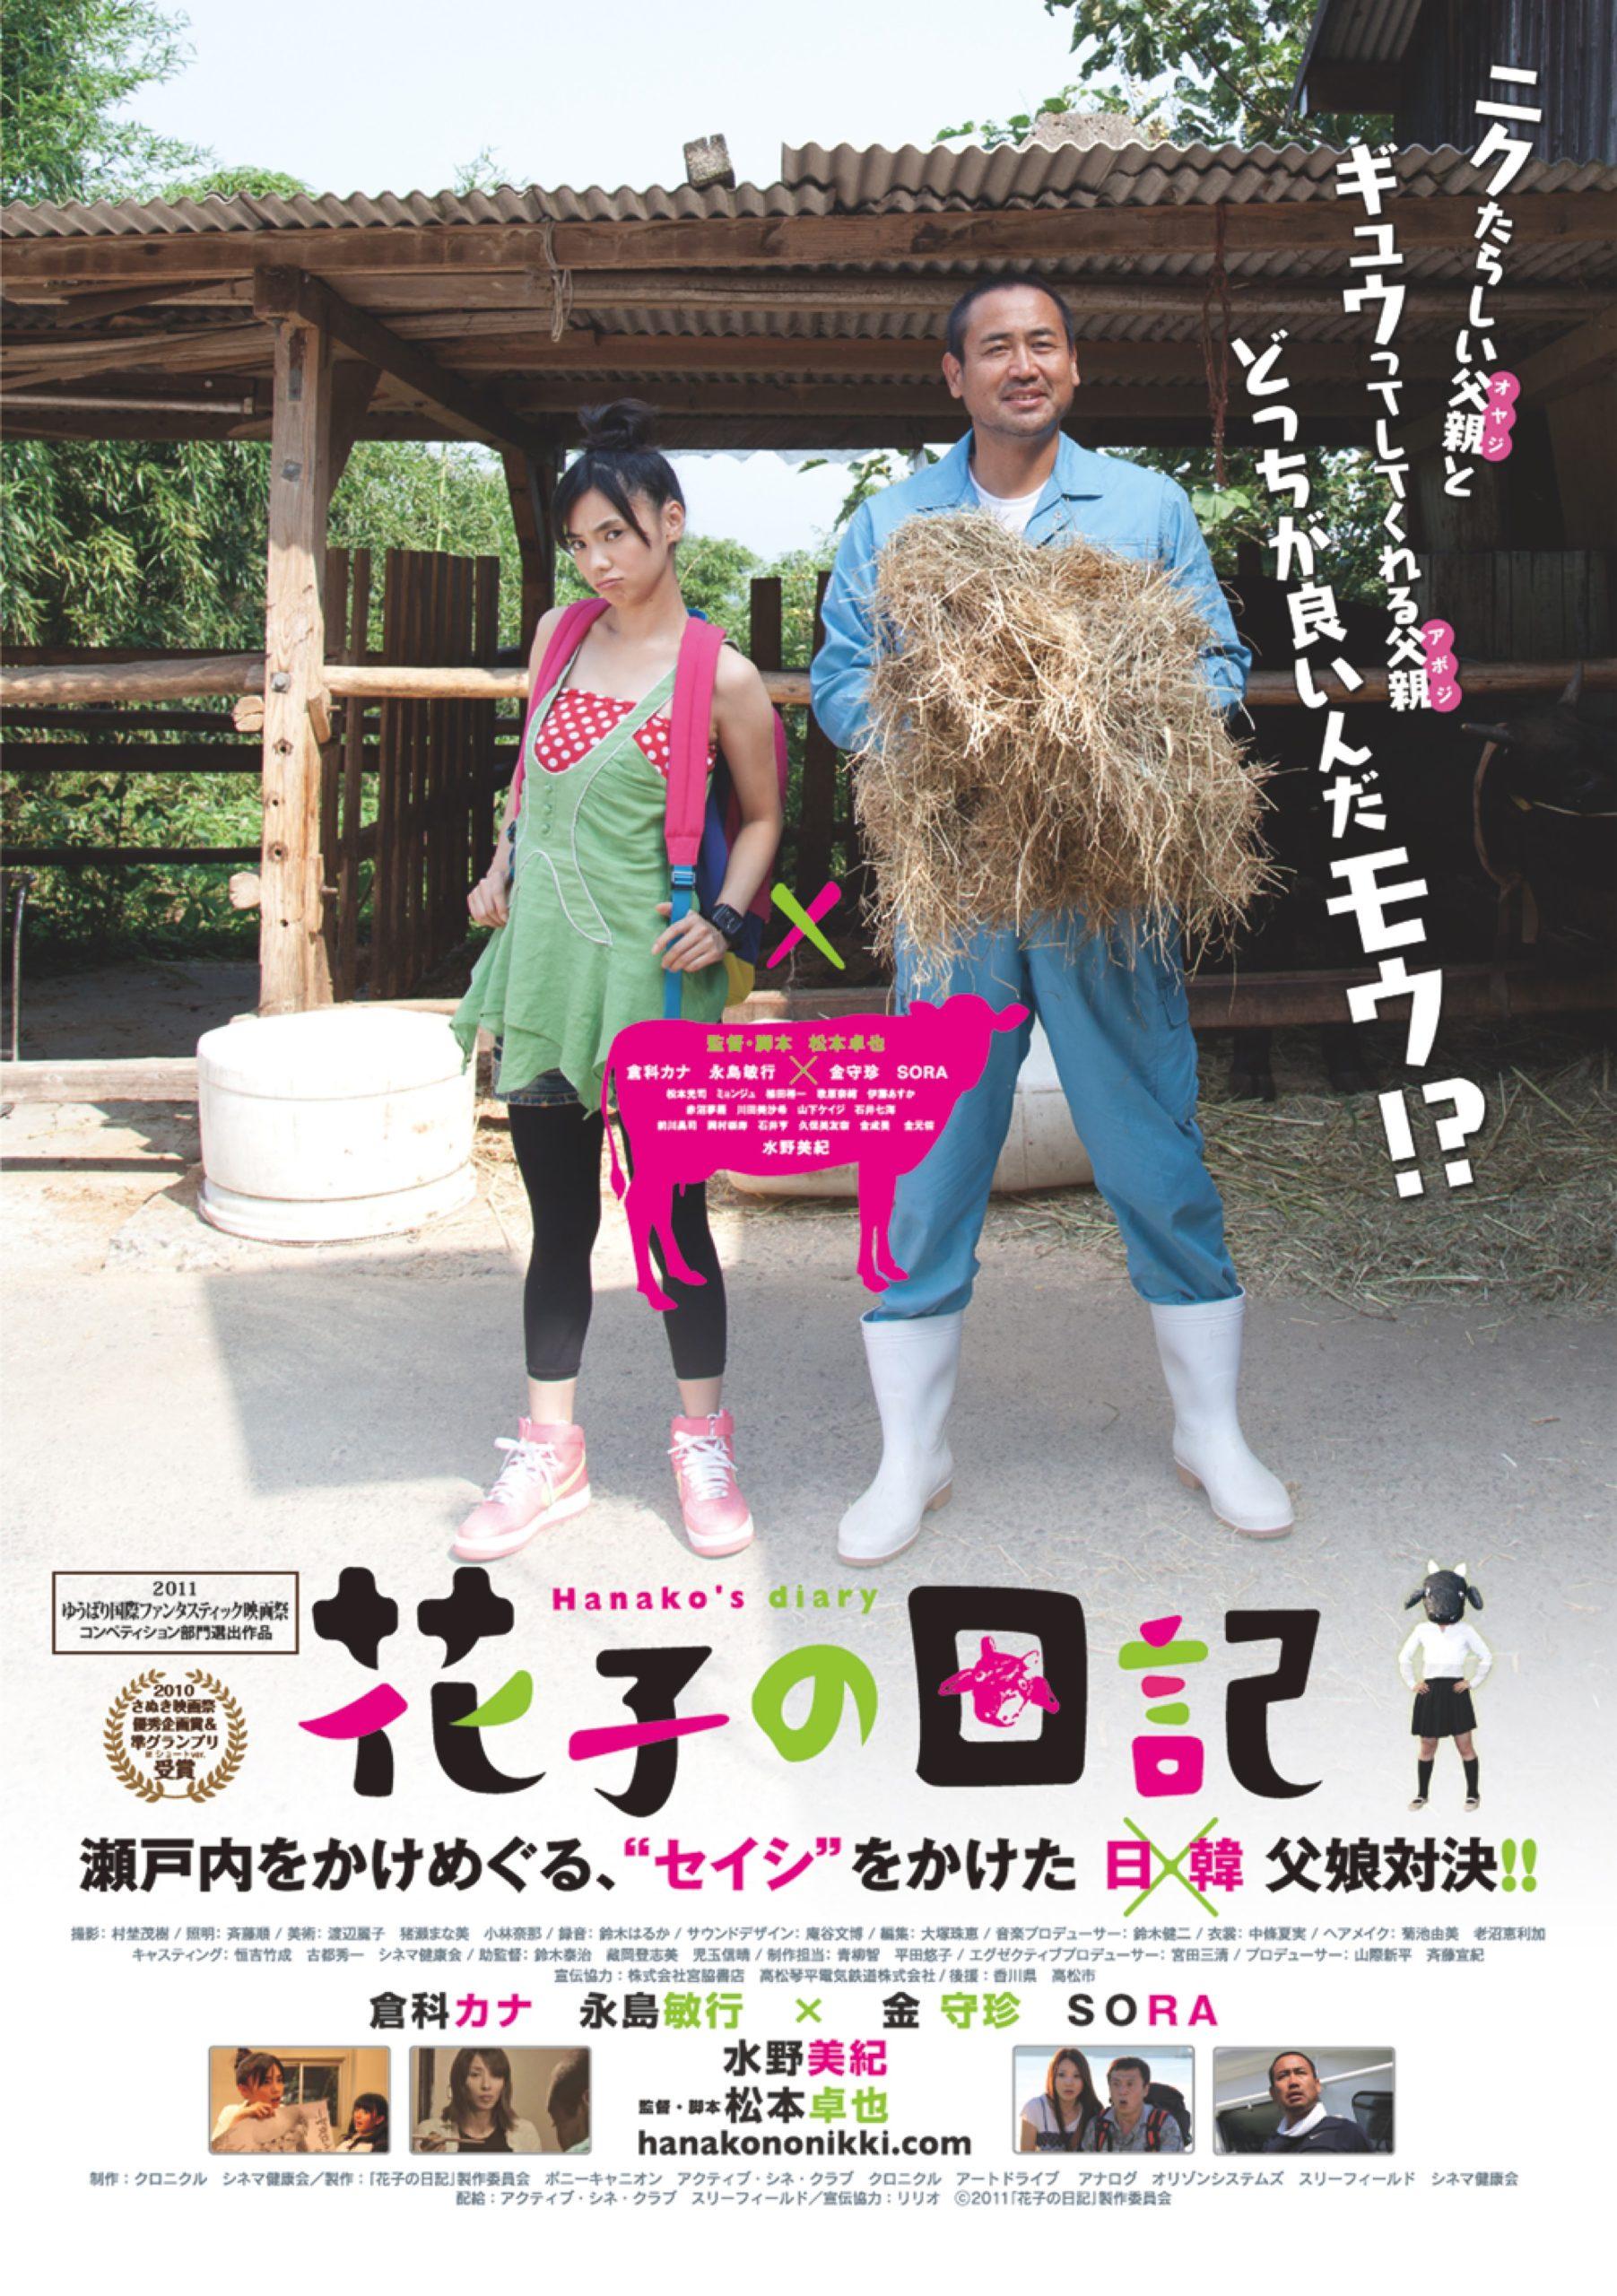 12/12(12/11深夜) 『花子の日記』 テレビ放映